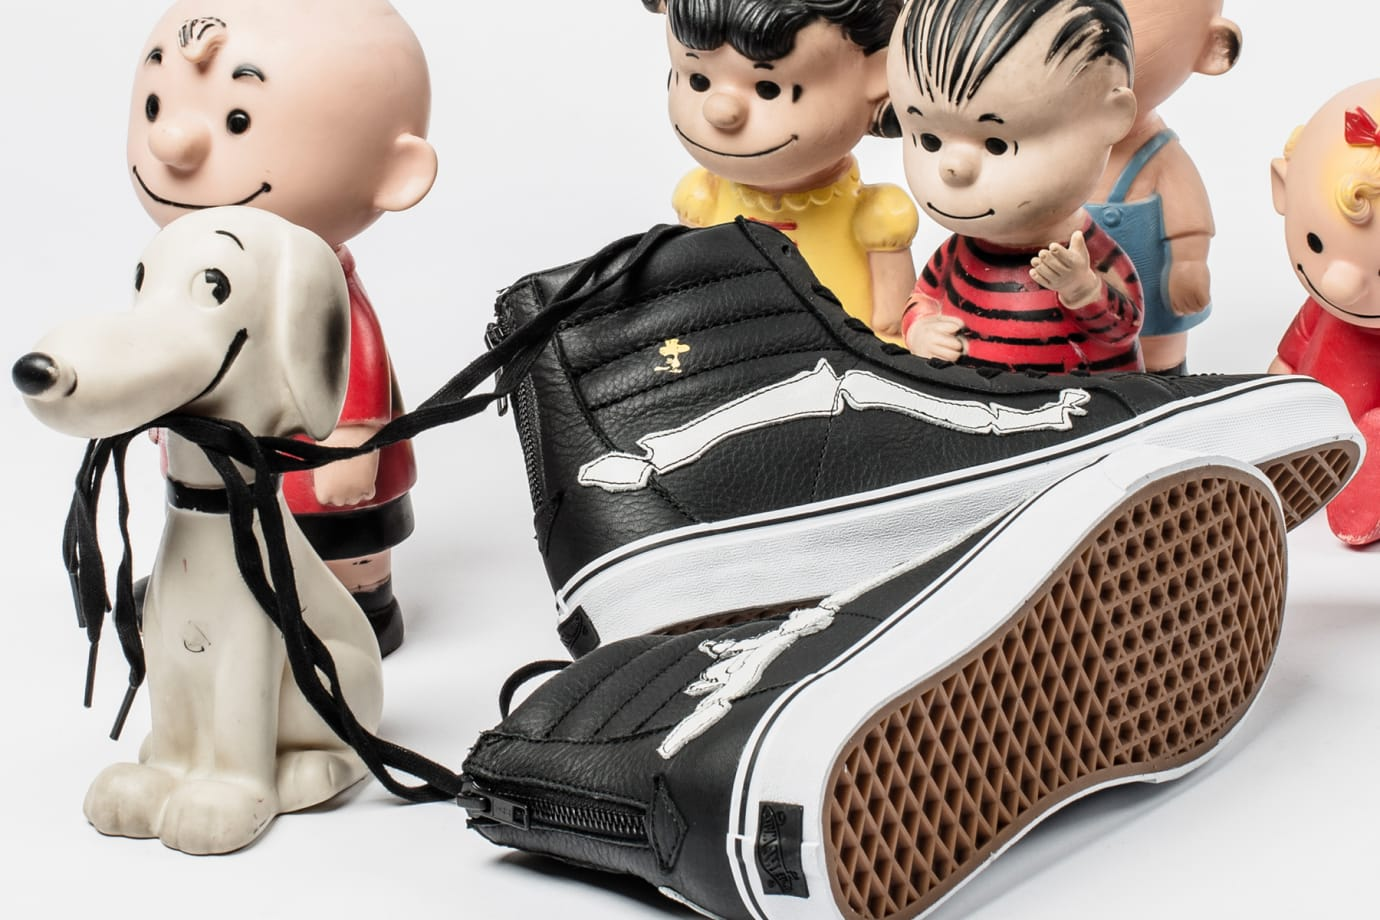 Vans Vault x Blends Sk8-Hi Zip Peanuts Release Date (2)